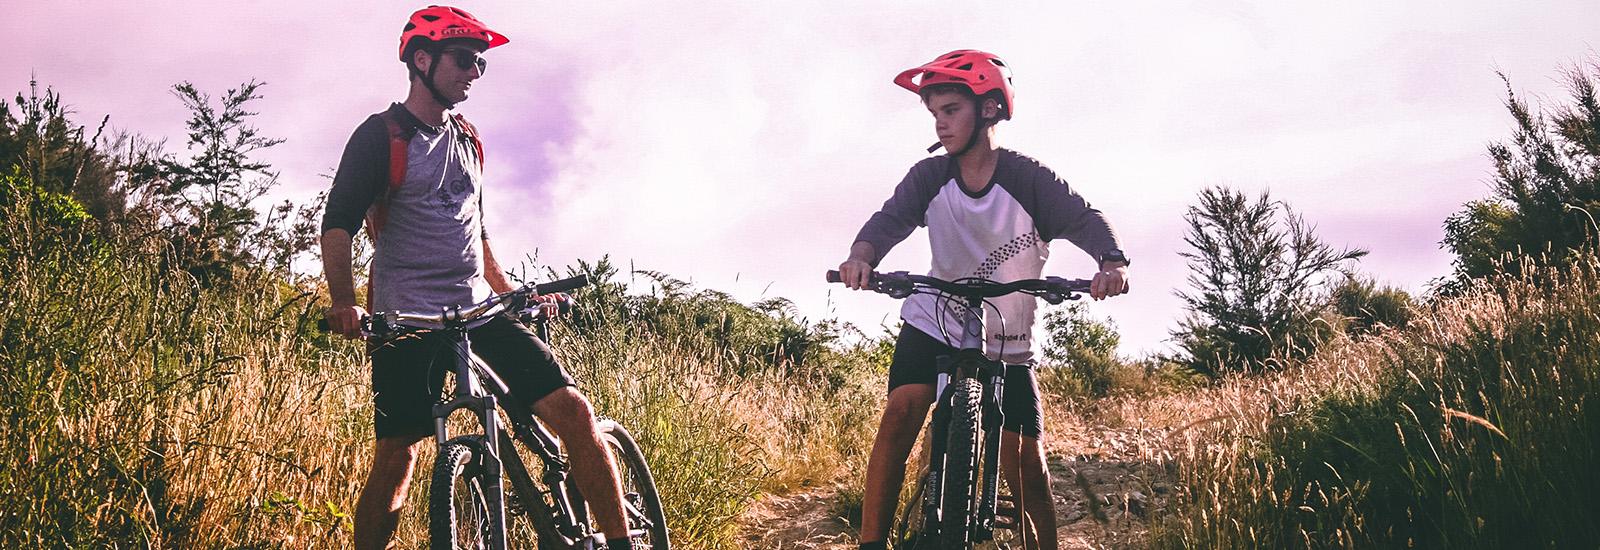 Header_0002_adult-adventure-biker-1010557